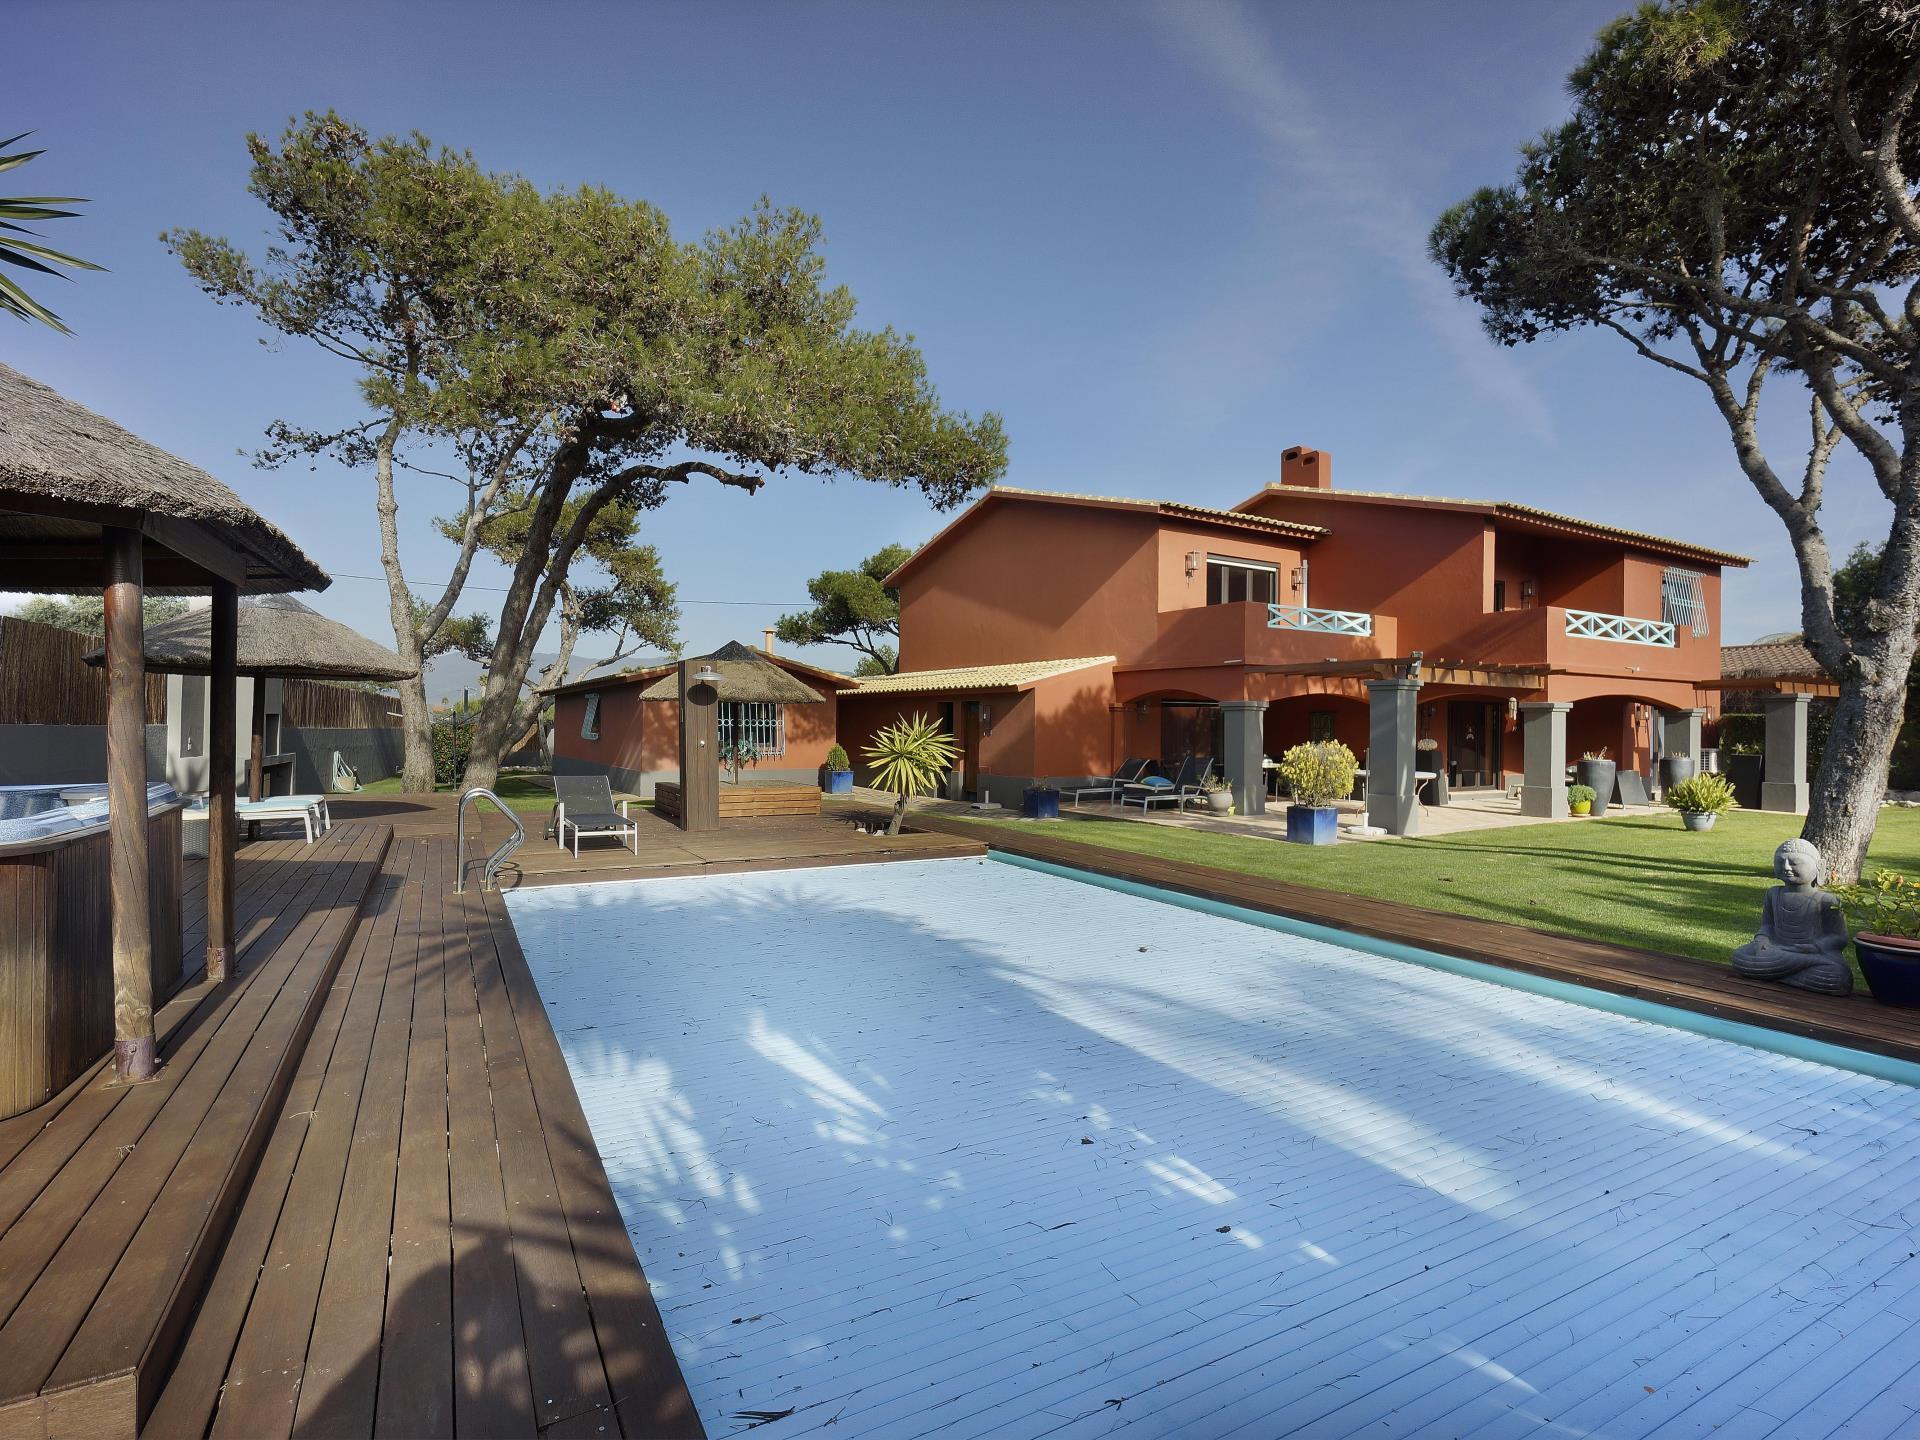 Maison unifamiliale pour l Vente à House, 5 bedrooms, for Sale Areia, Cascais, Lisbonne Portugal